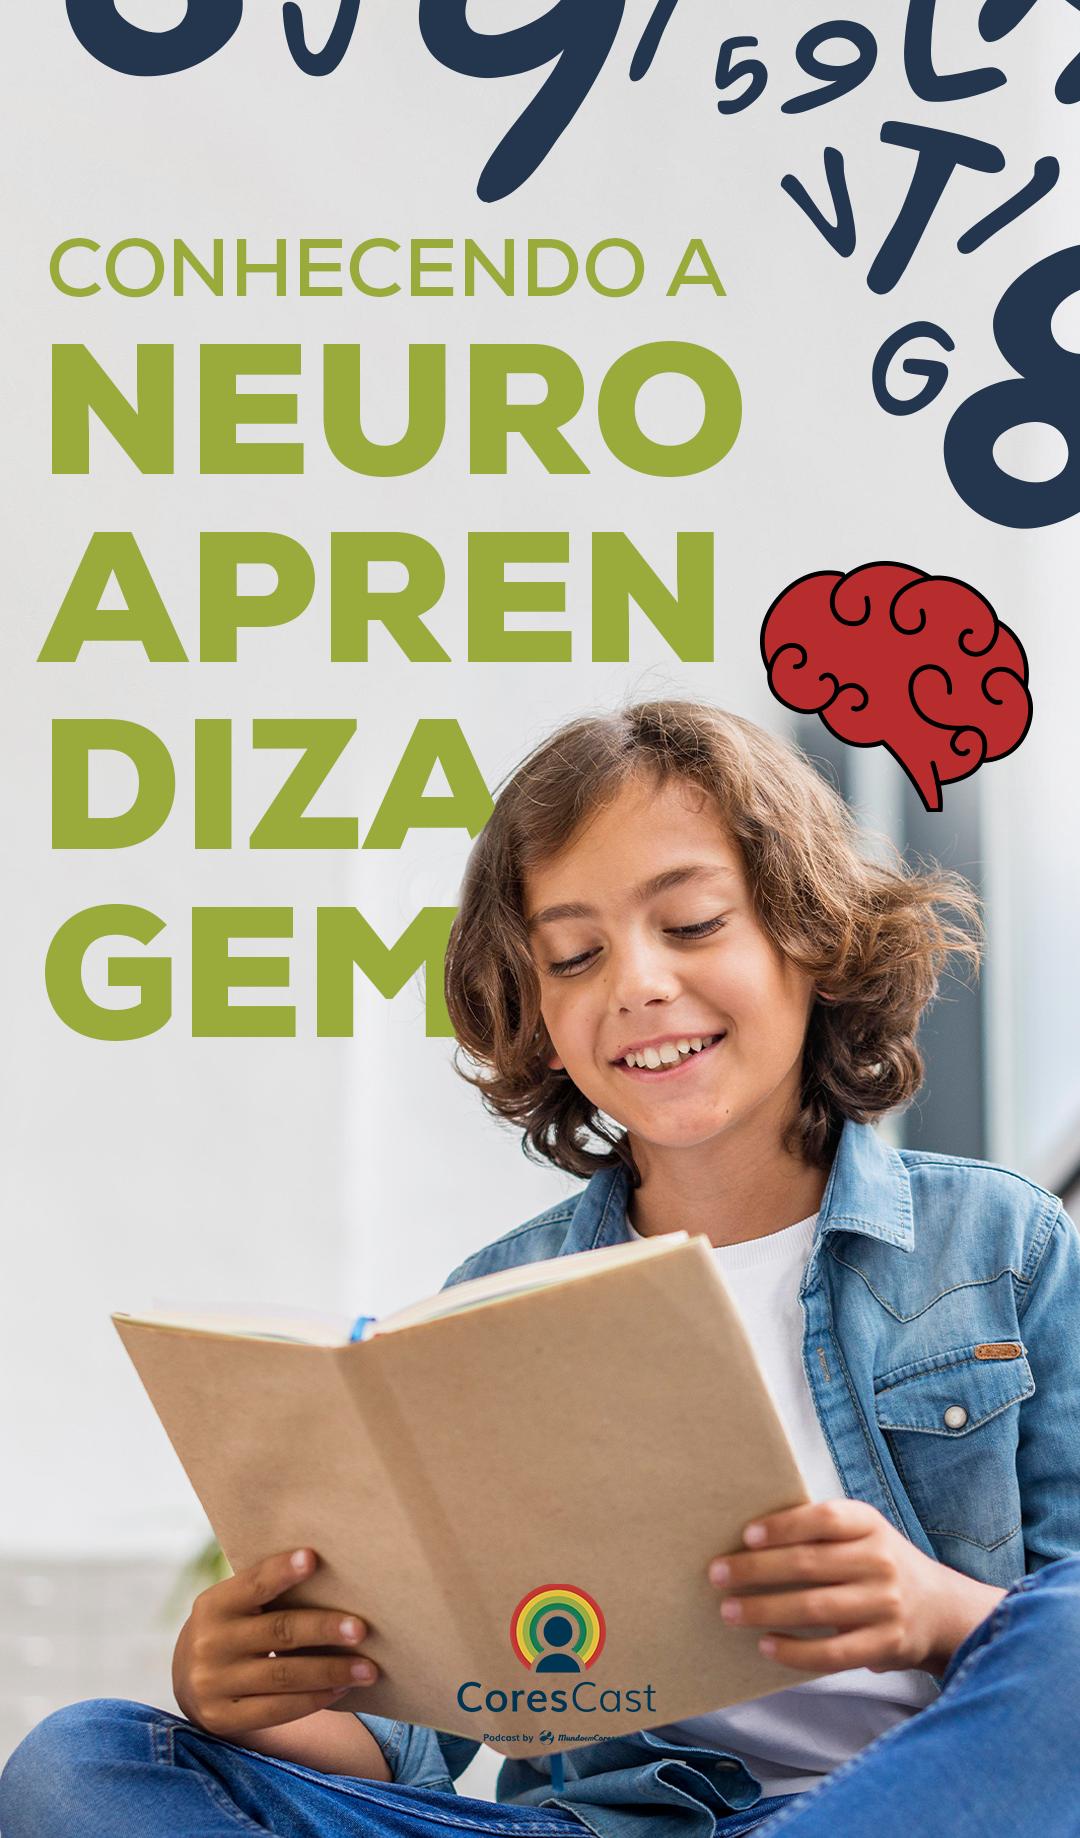 MUN_017_20_Banners Lives - neuroaprendizagem_v02